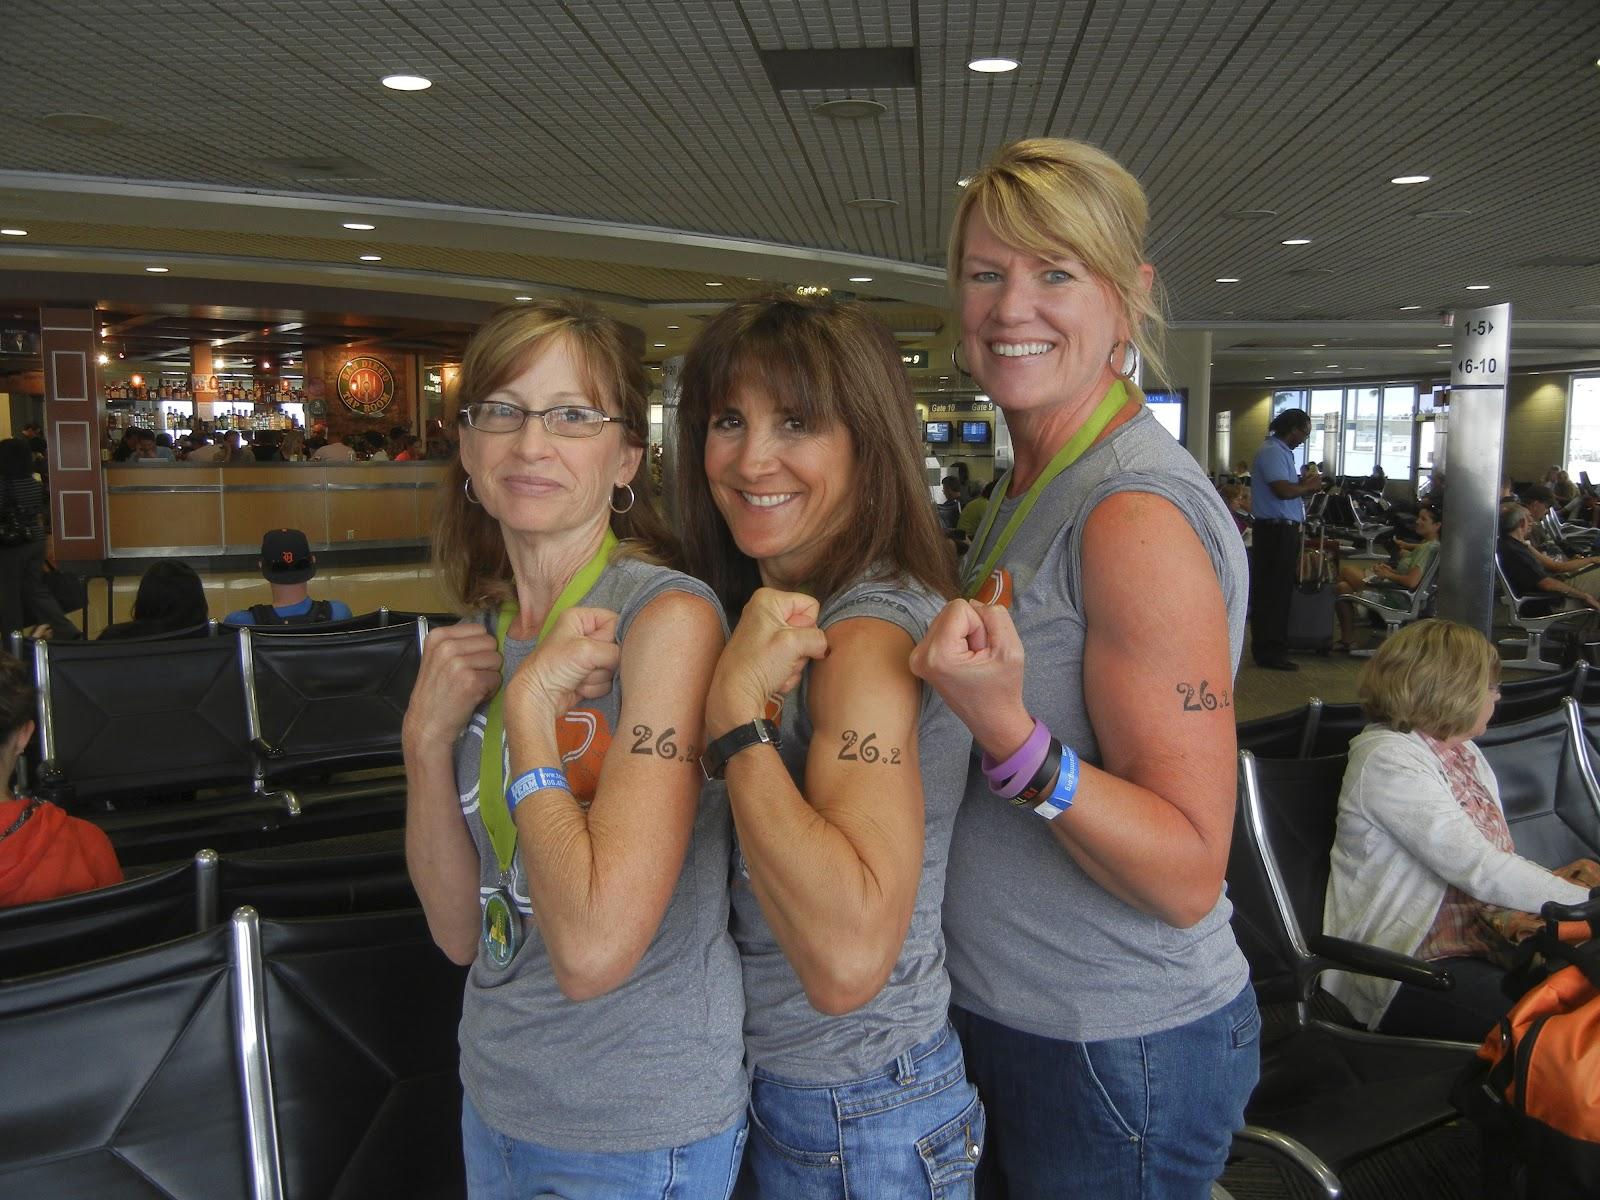 http://1.bp.blogspot.com/-_HyXwHo552Q/T-AAgChVOWI/AAAAAAAAASk/zWaAWZsi6to/s1600/262_tattoo_girls.jpg